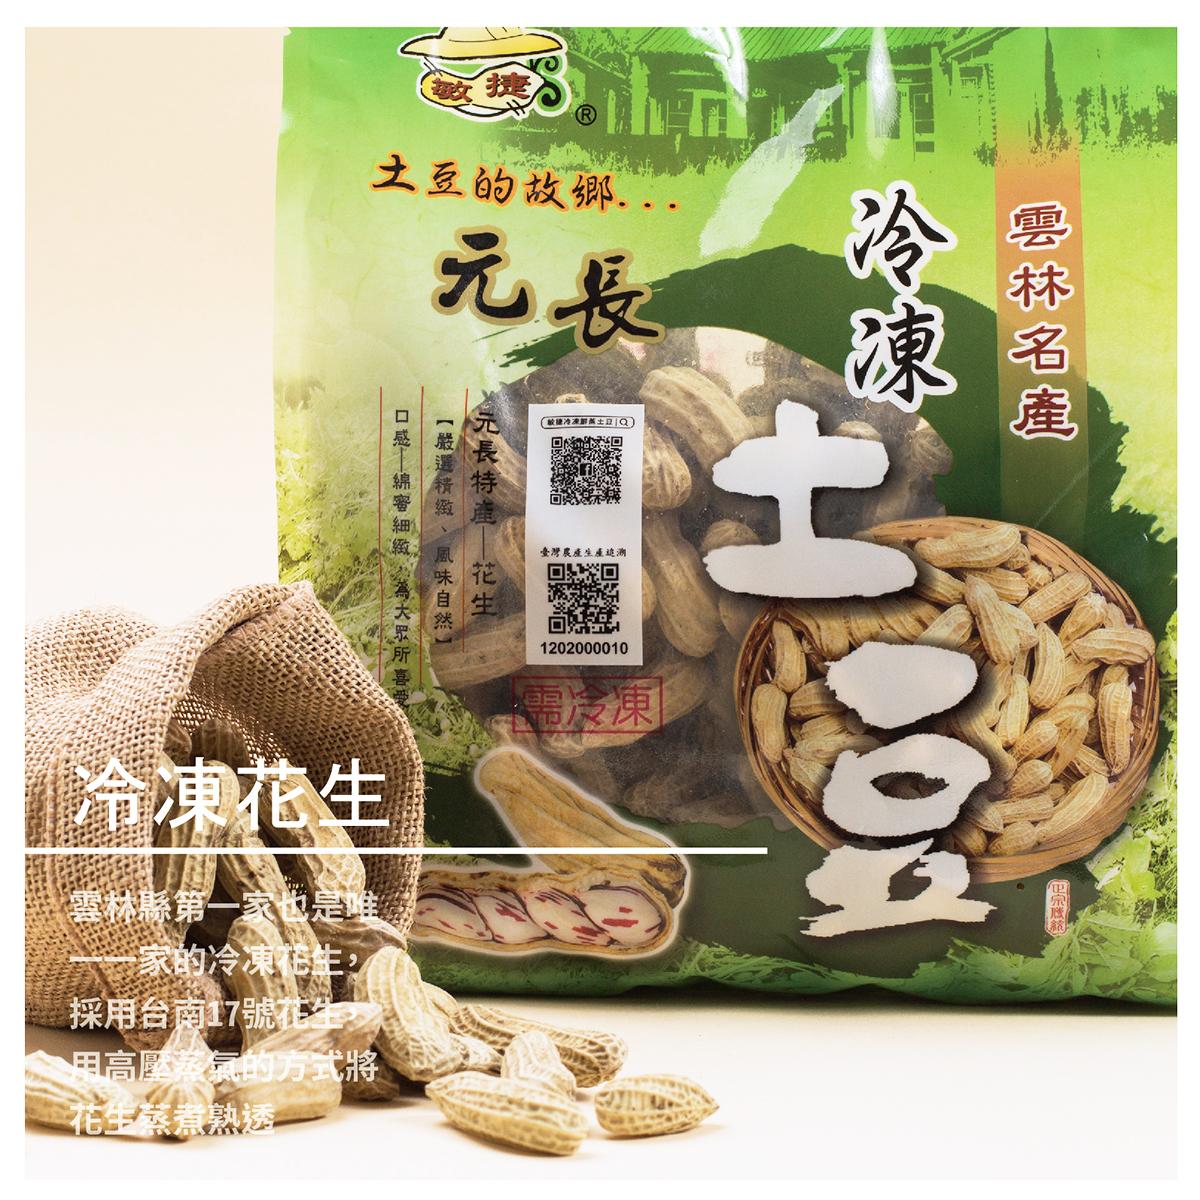 【敏捷冷凍土豆】冷凍花生900g(冷凍土豆)/雲林名產/伴手禮